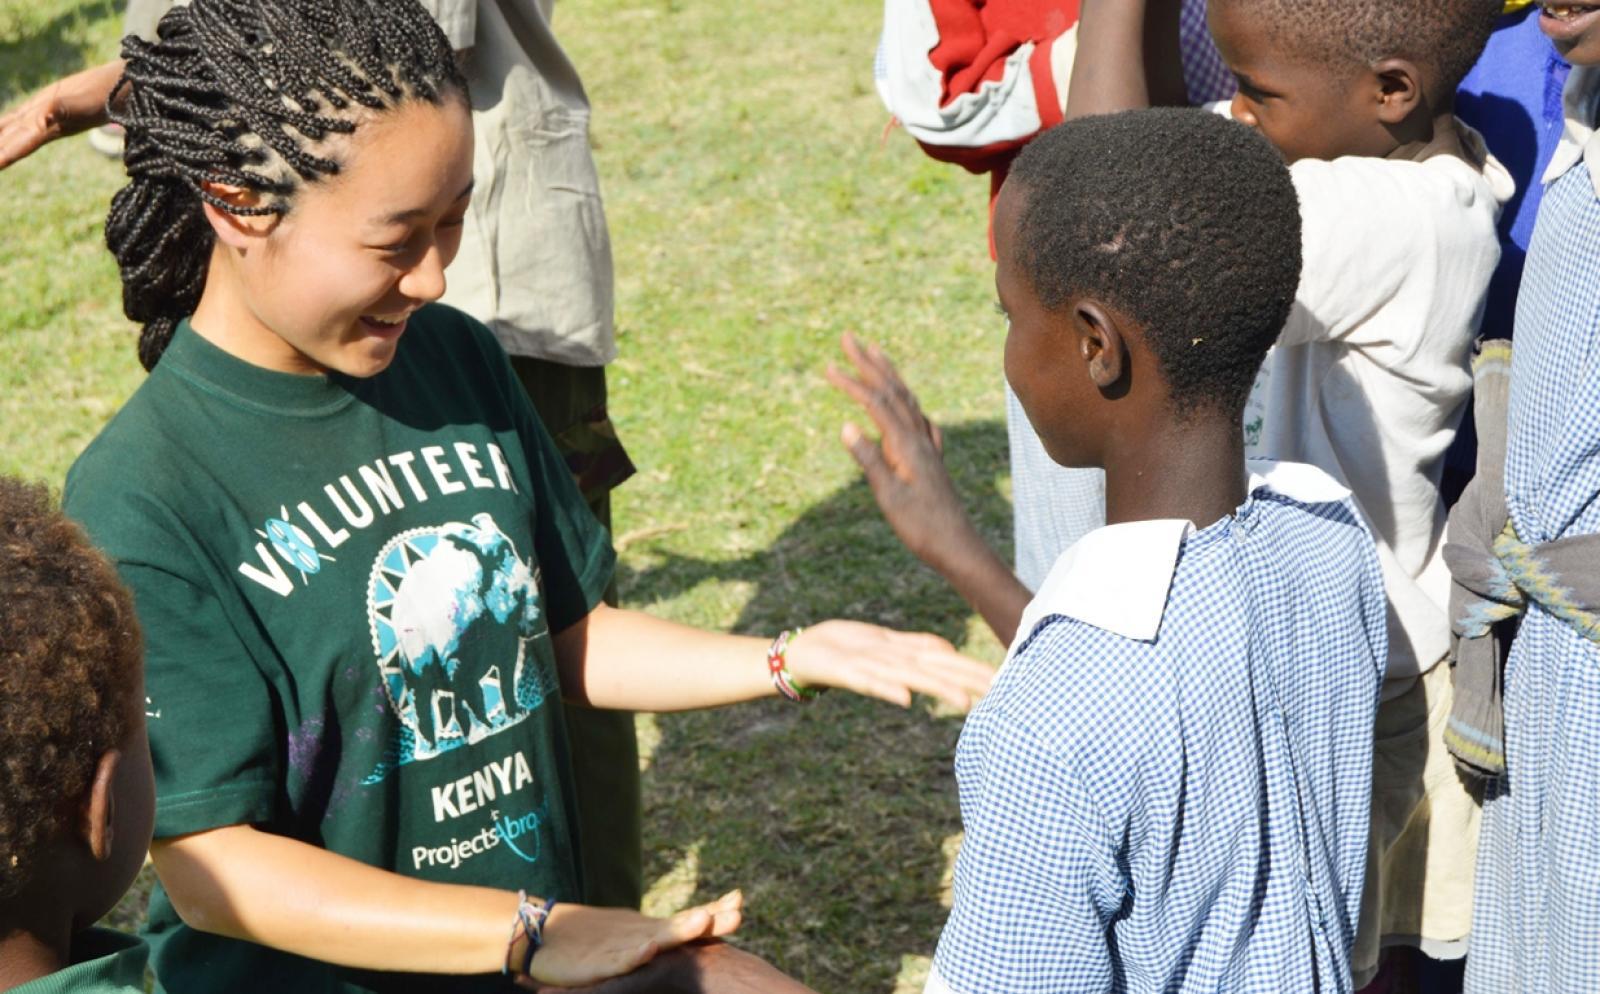 日本人ボランティアがケニアの子供たちと交流する